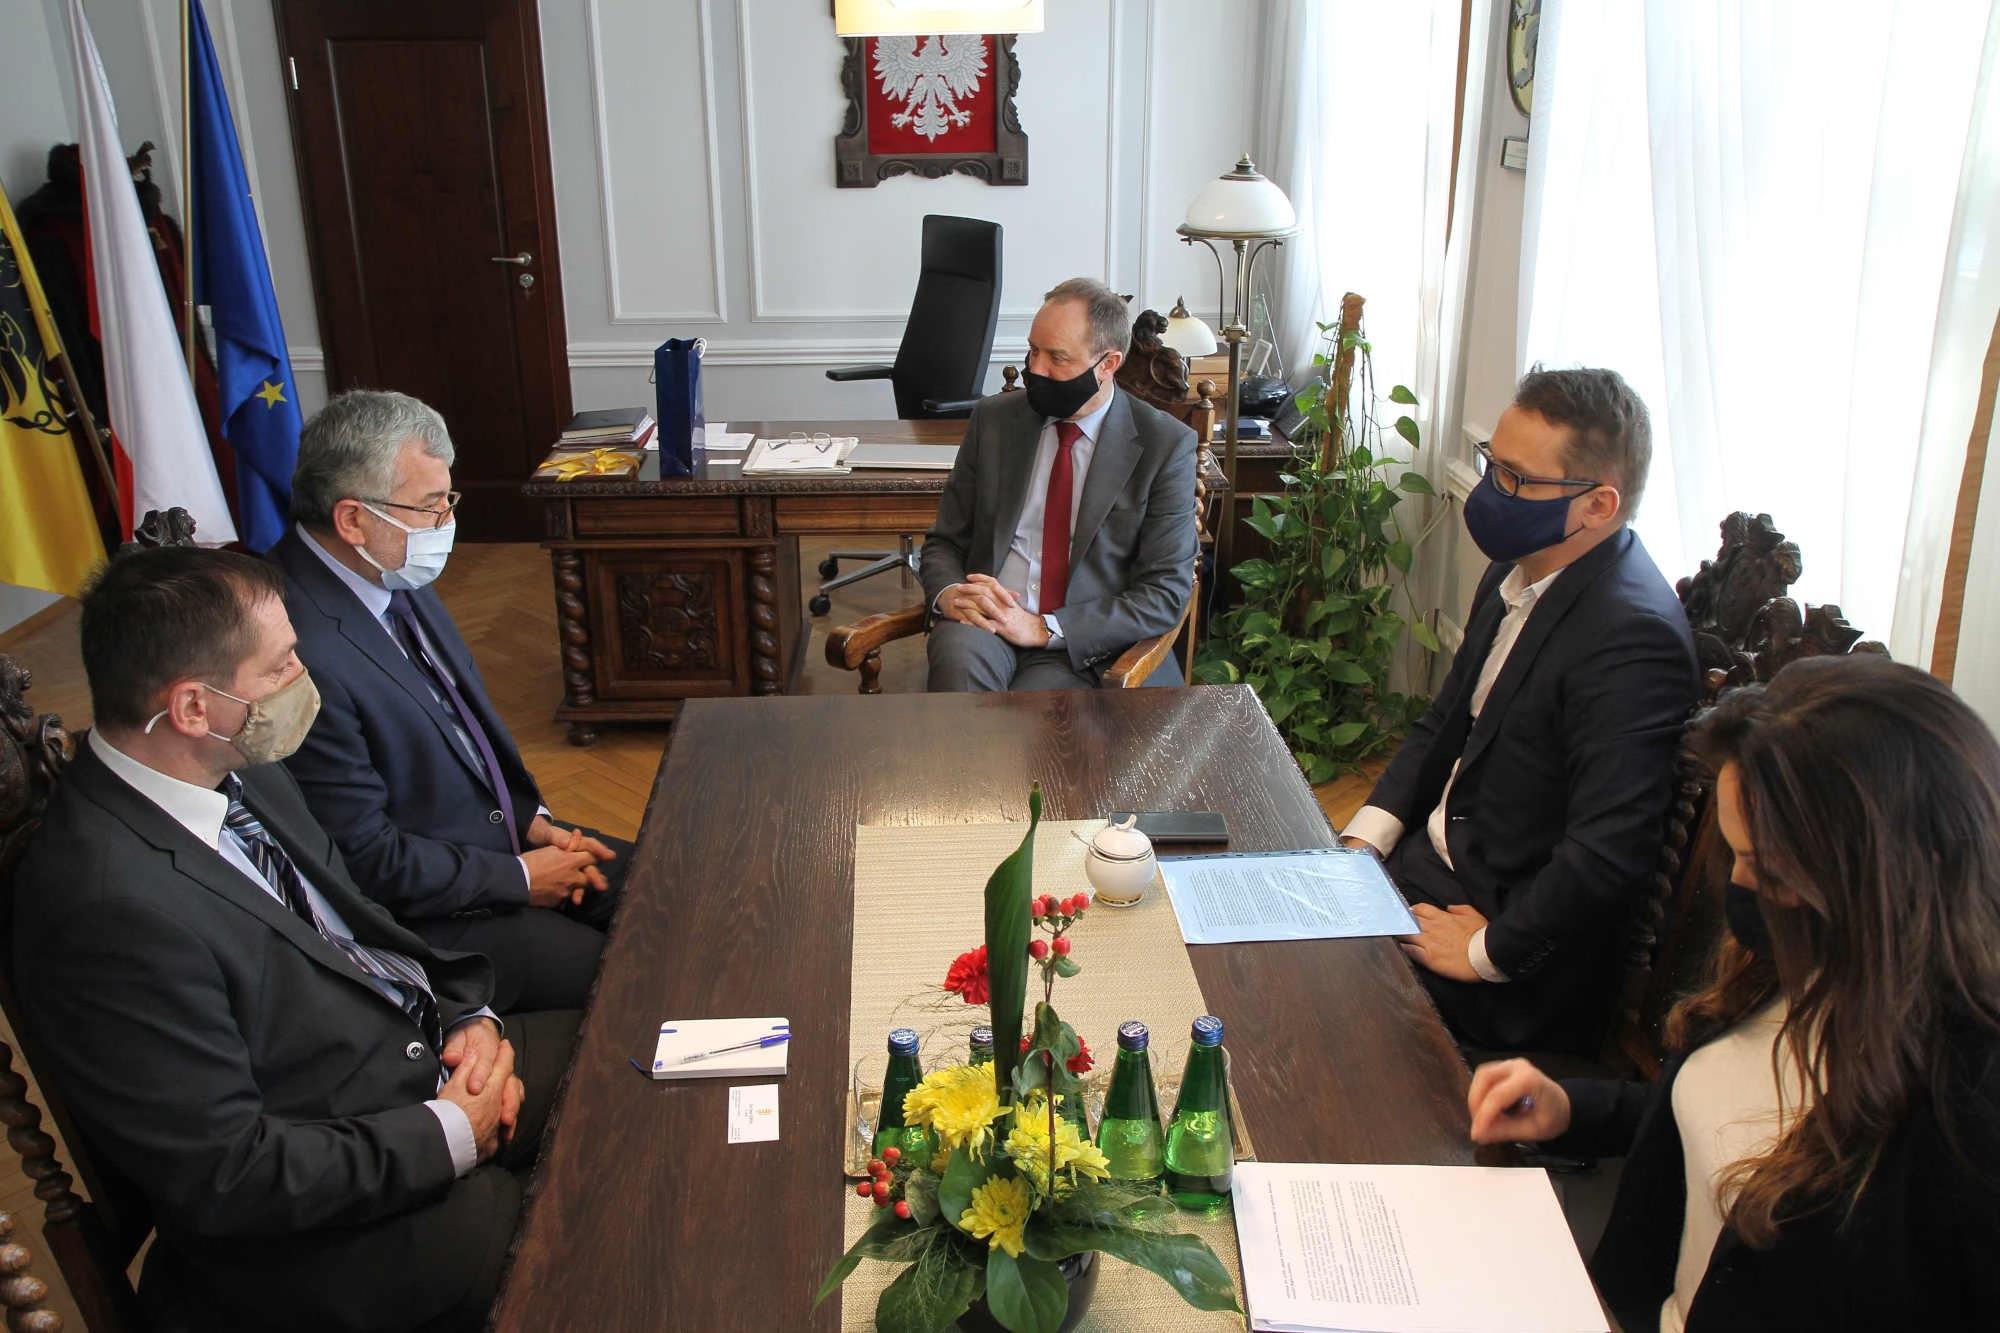 W Gdańsku działa węgierski konsulat generalny. Wrócił po ponad 70 latach